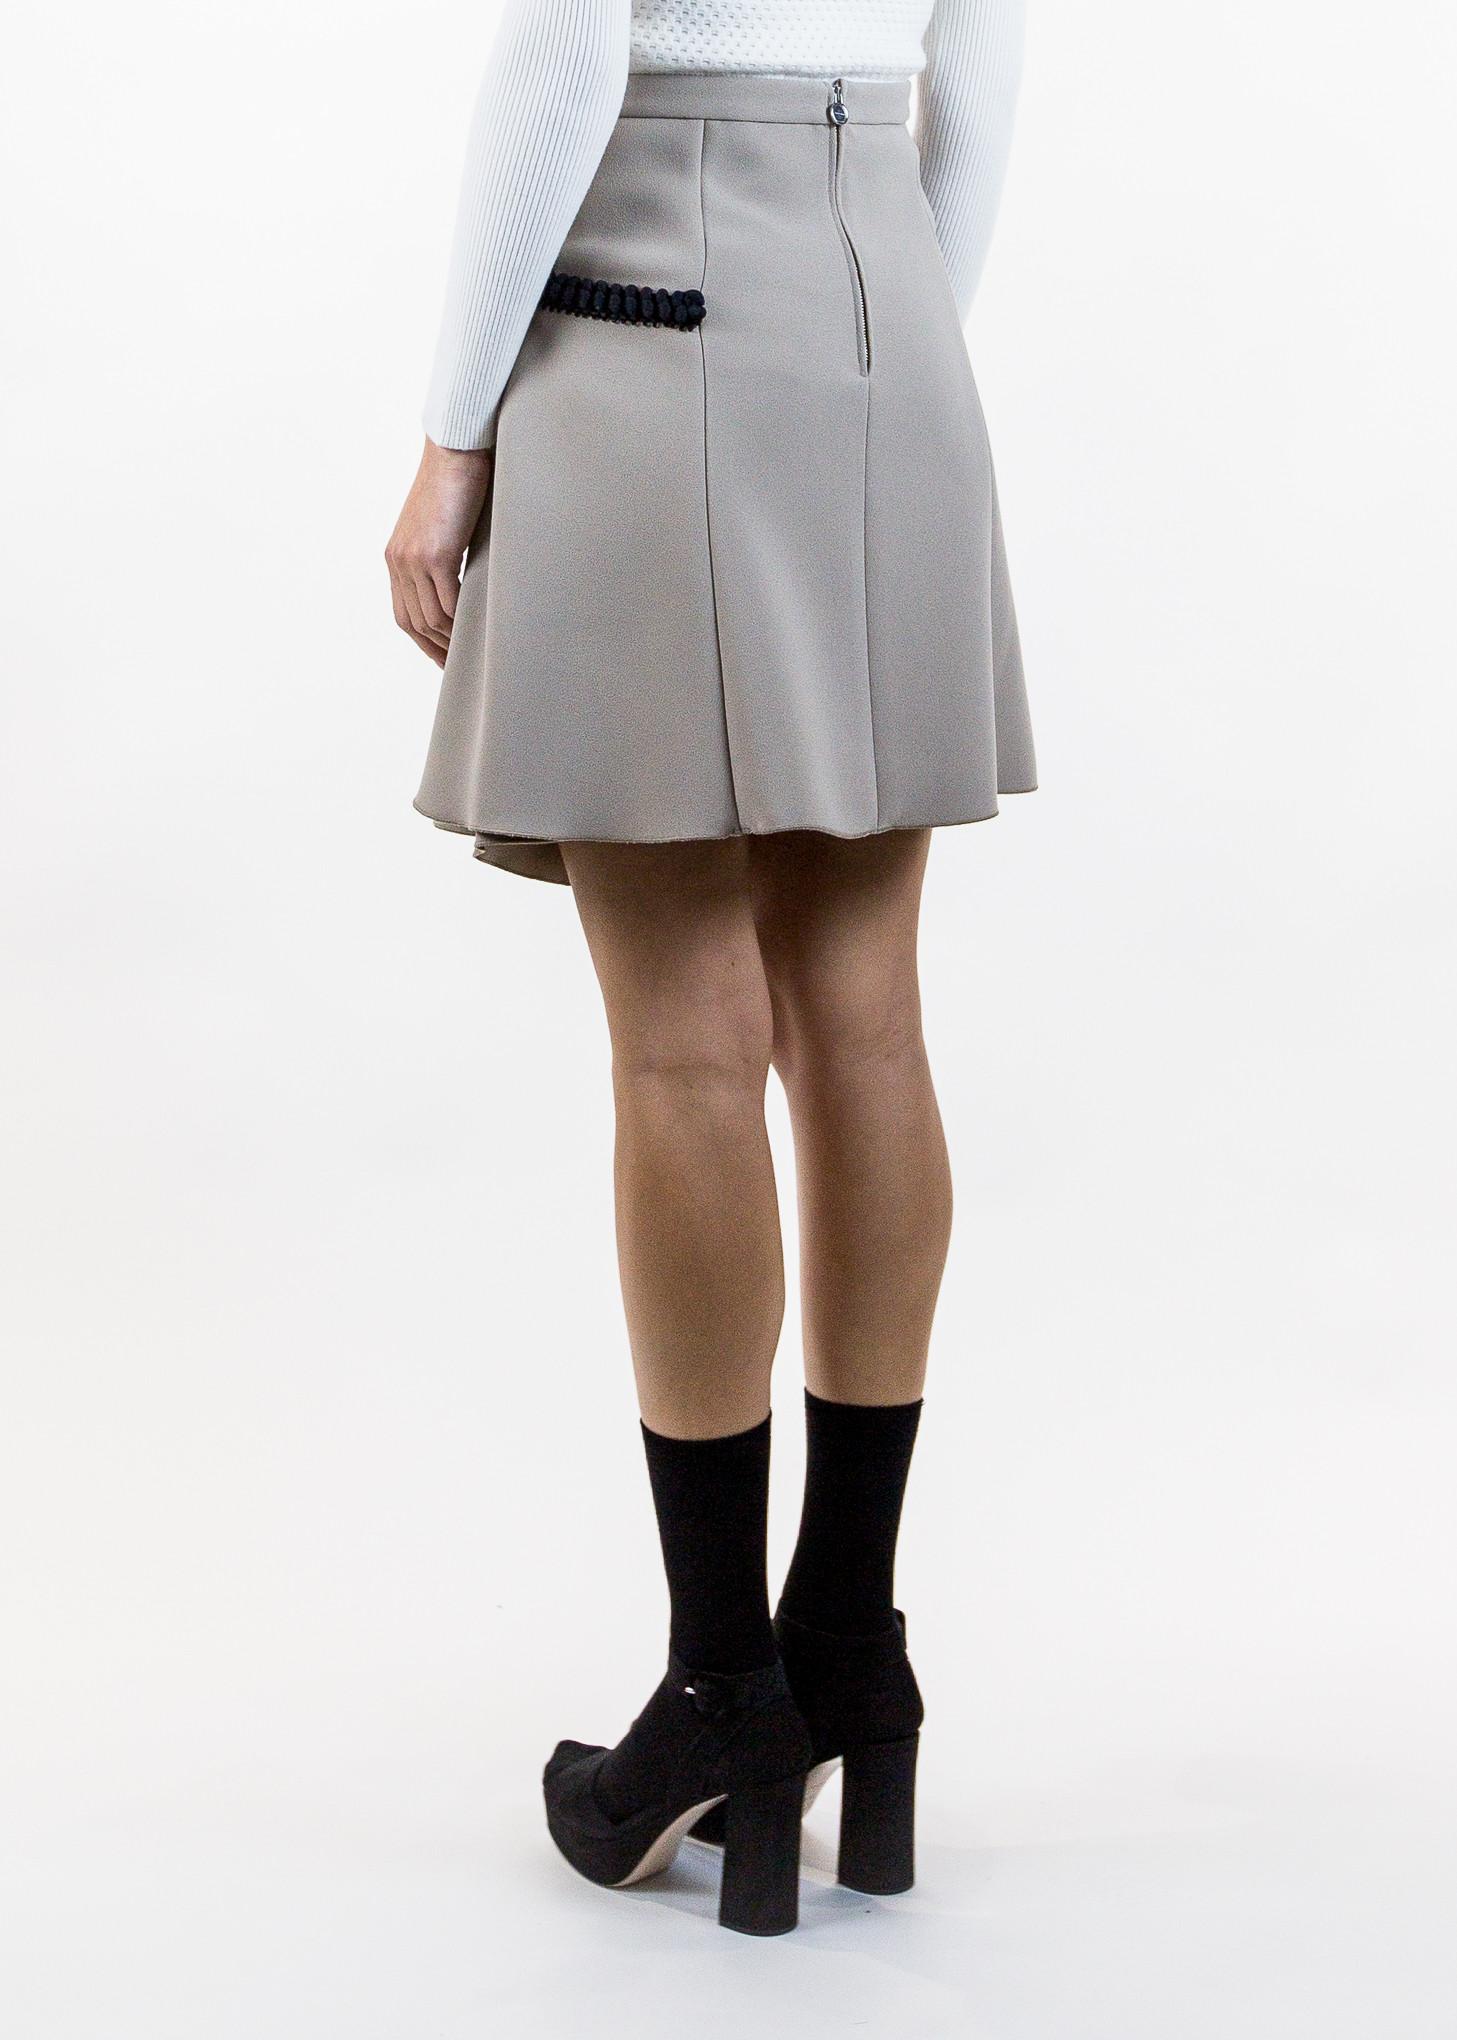 Carven Asymmetrical Short Skirt